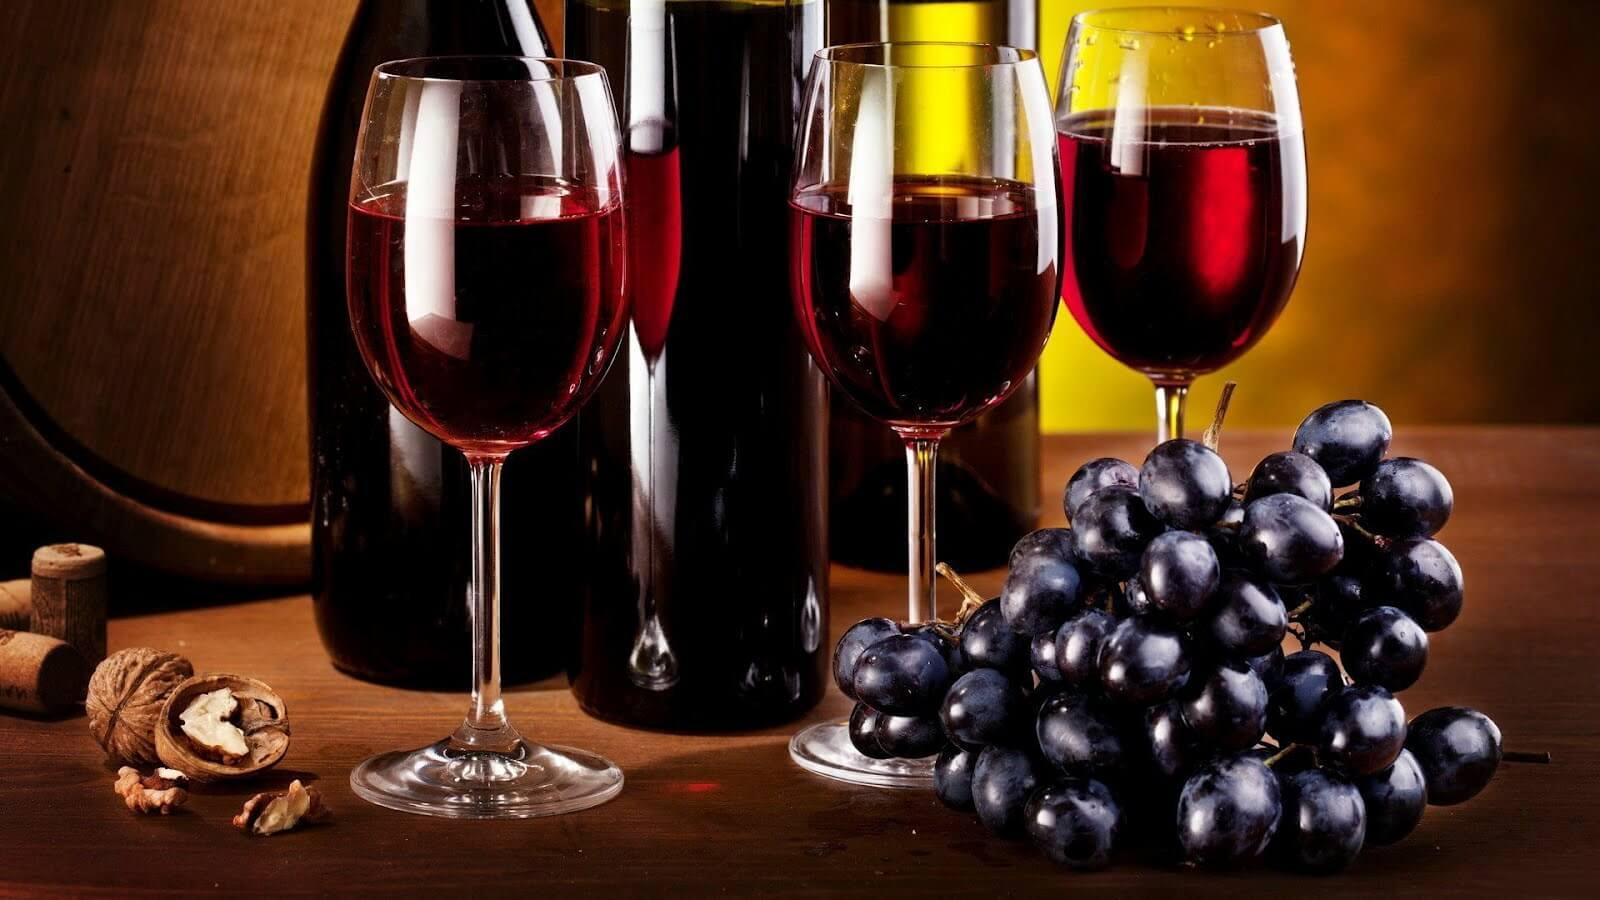 아직도 믿고 있는 8가지 와인에 대한 신화